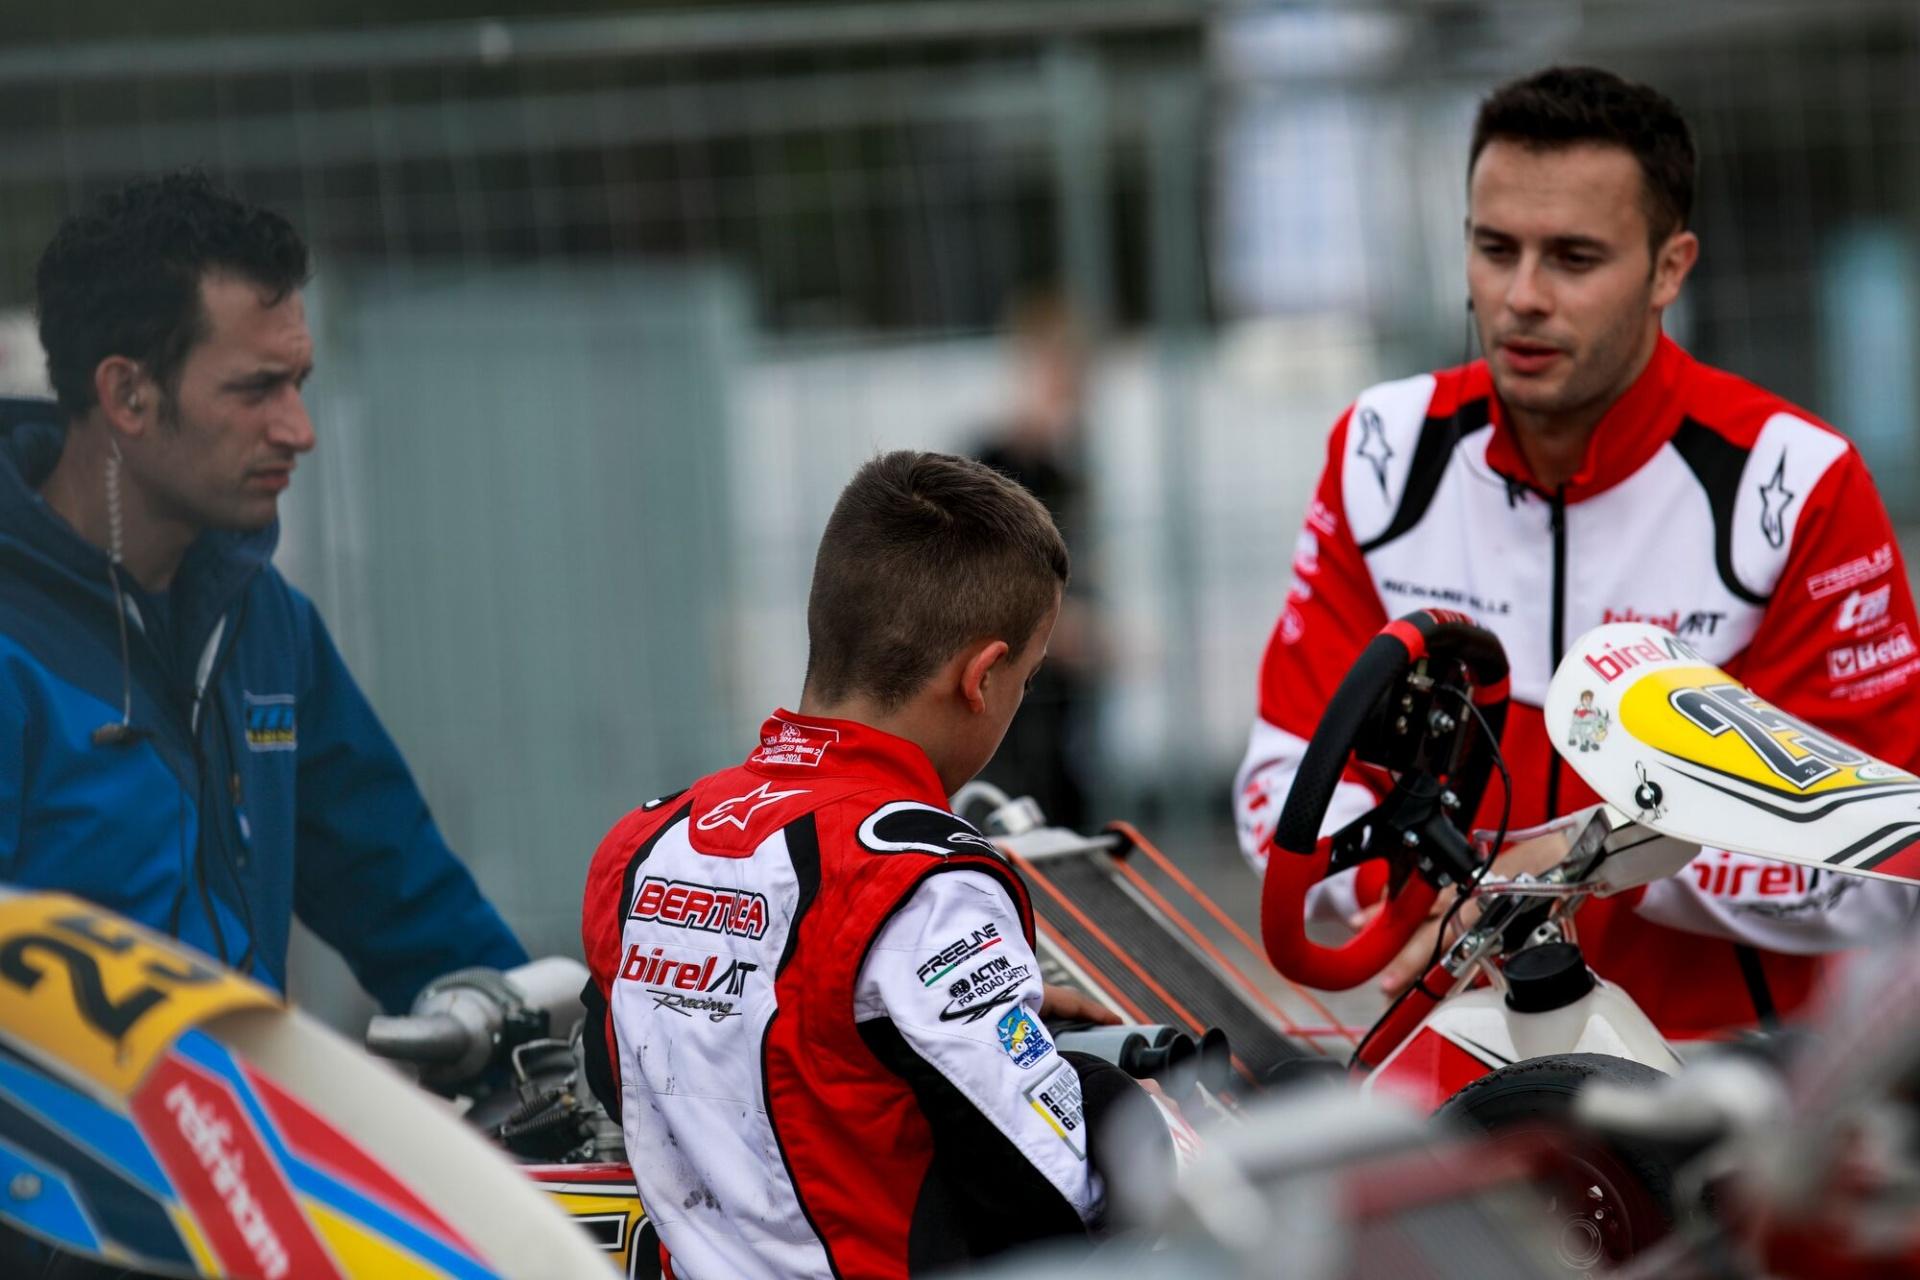 Cristian Bertuca a Le Mans per chiudere la prima stagione europea